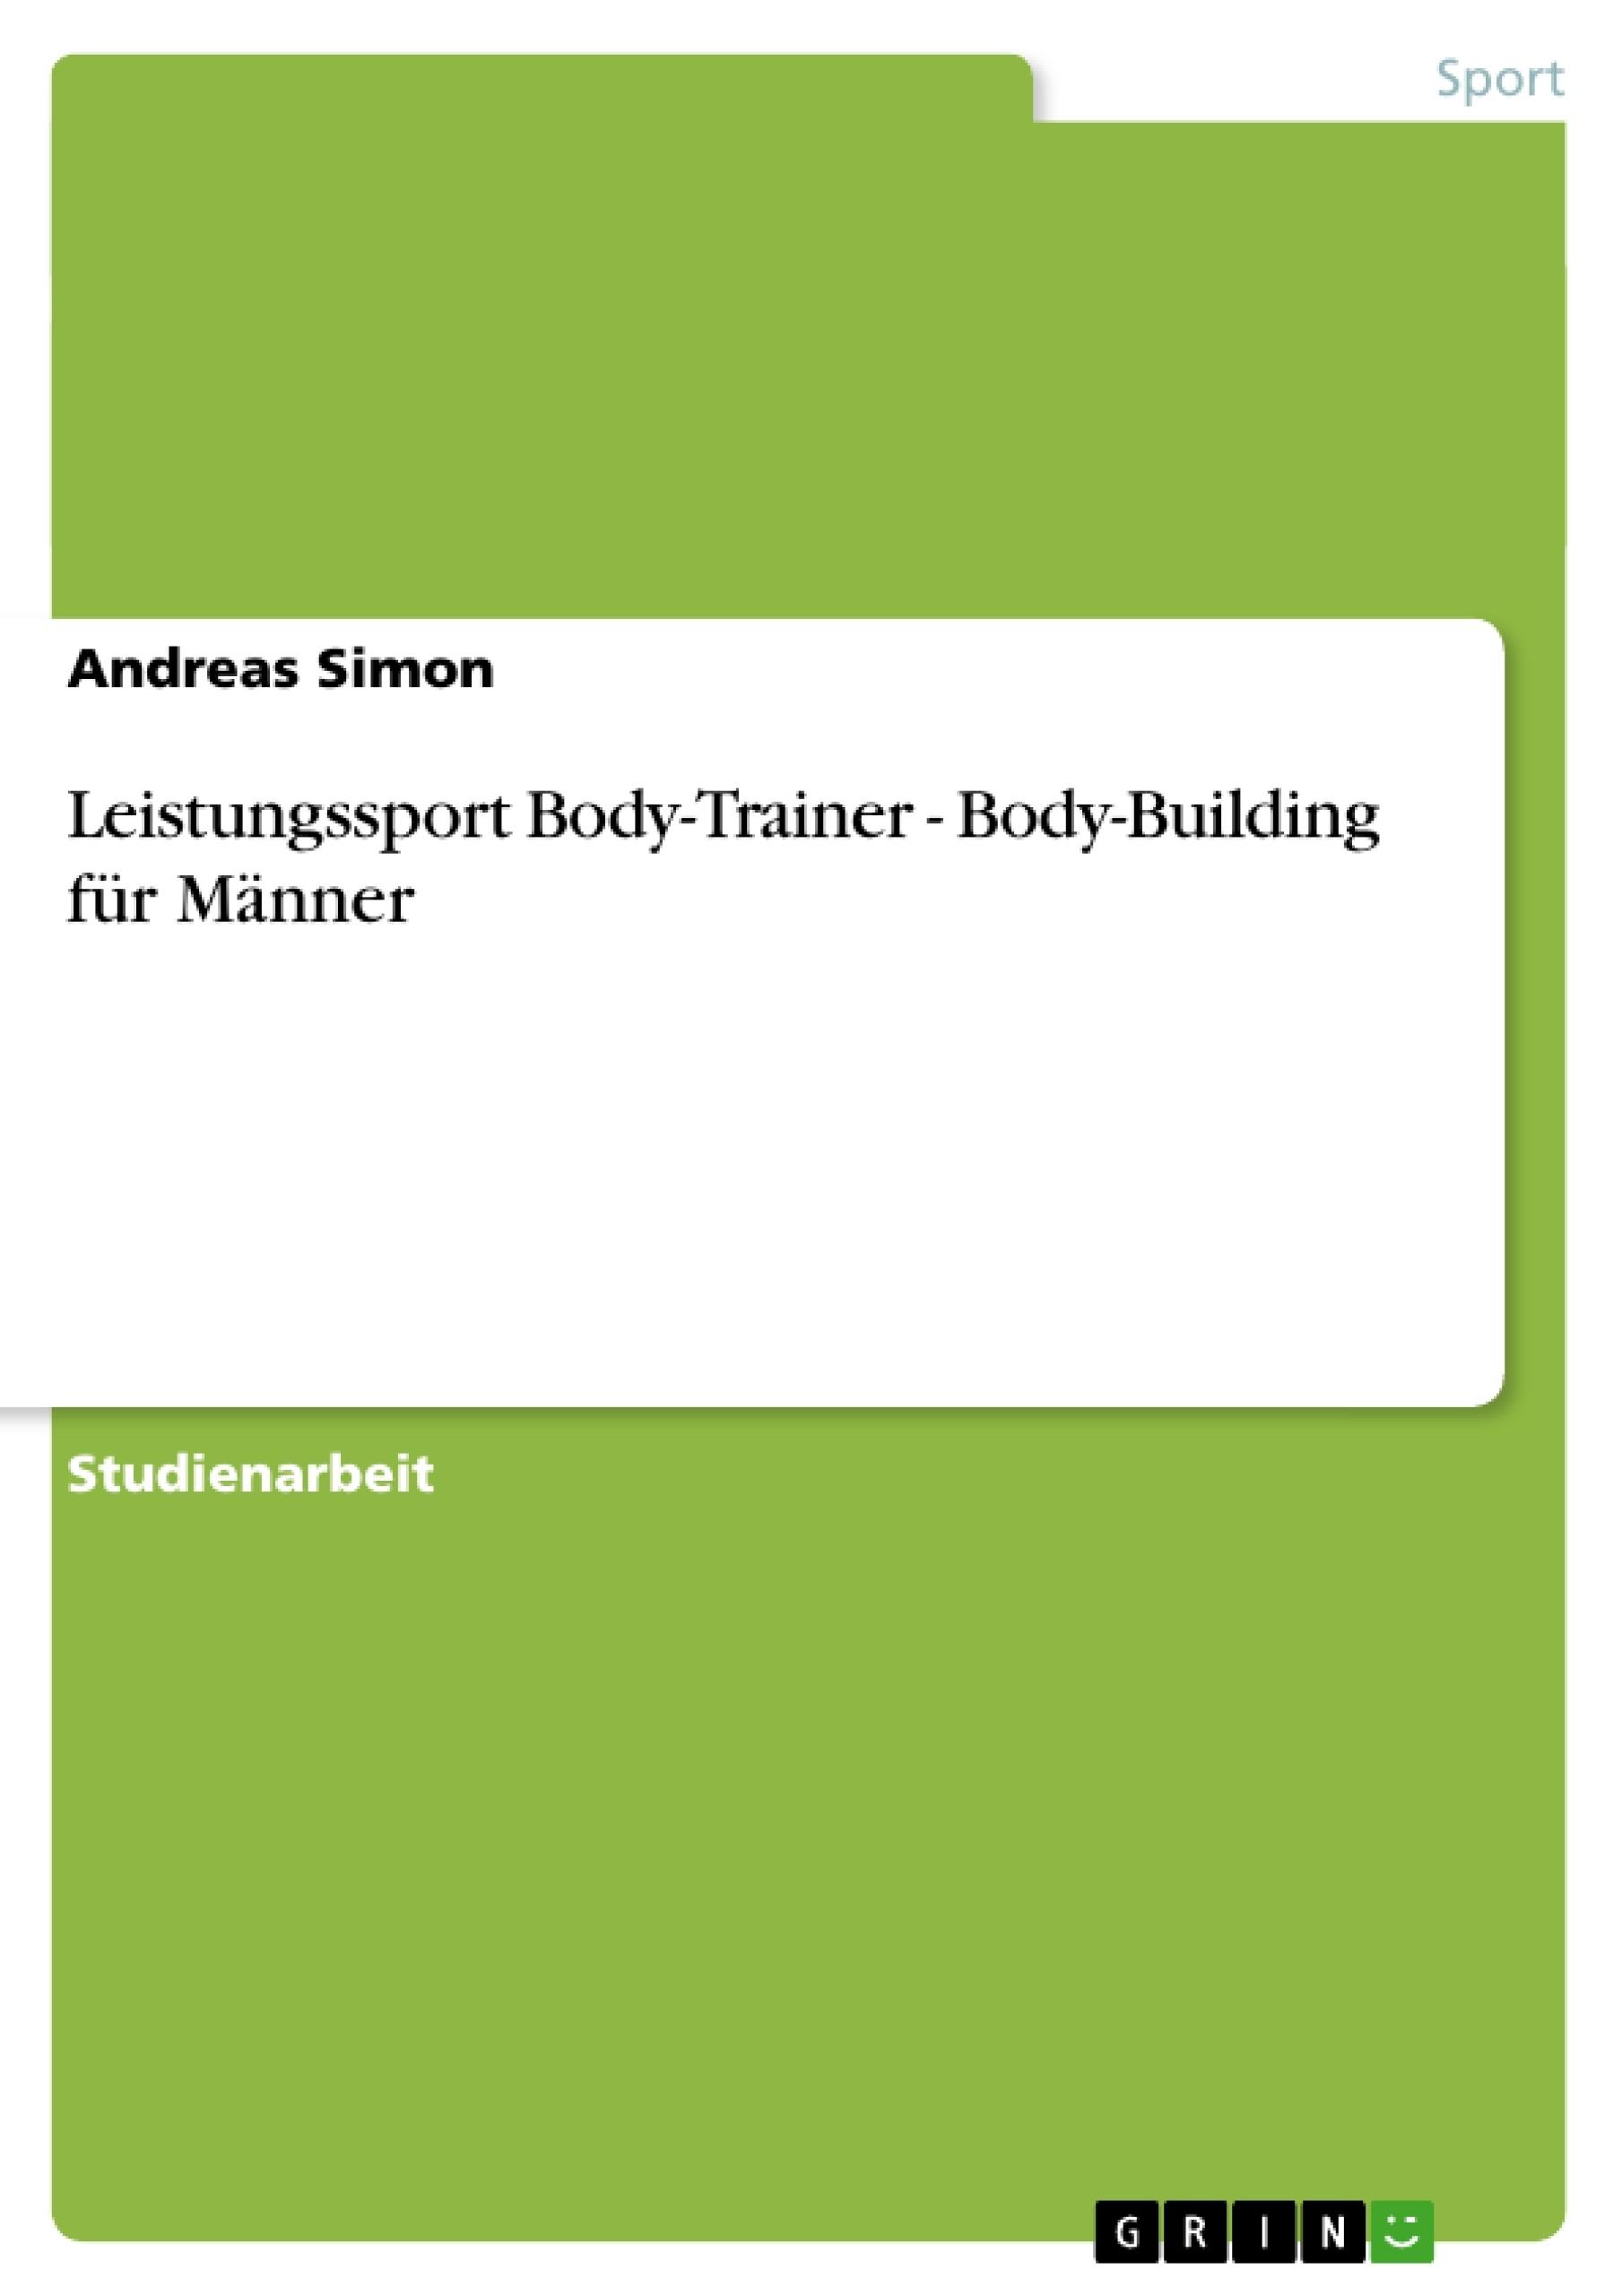 Titel: Leistungssport Body-Trainer - Body-Building für Männer